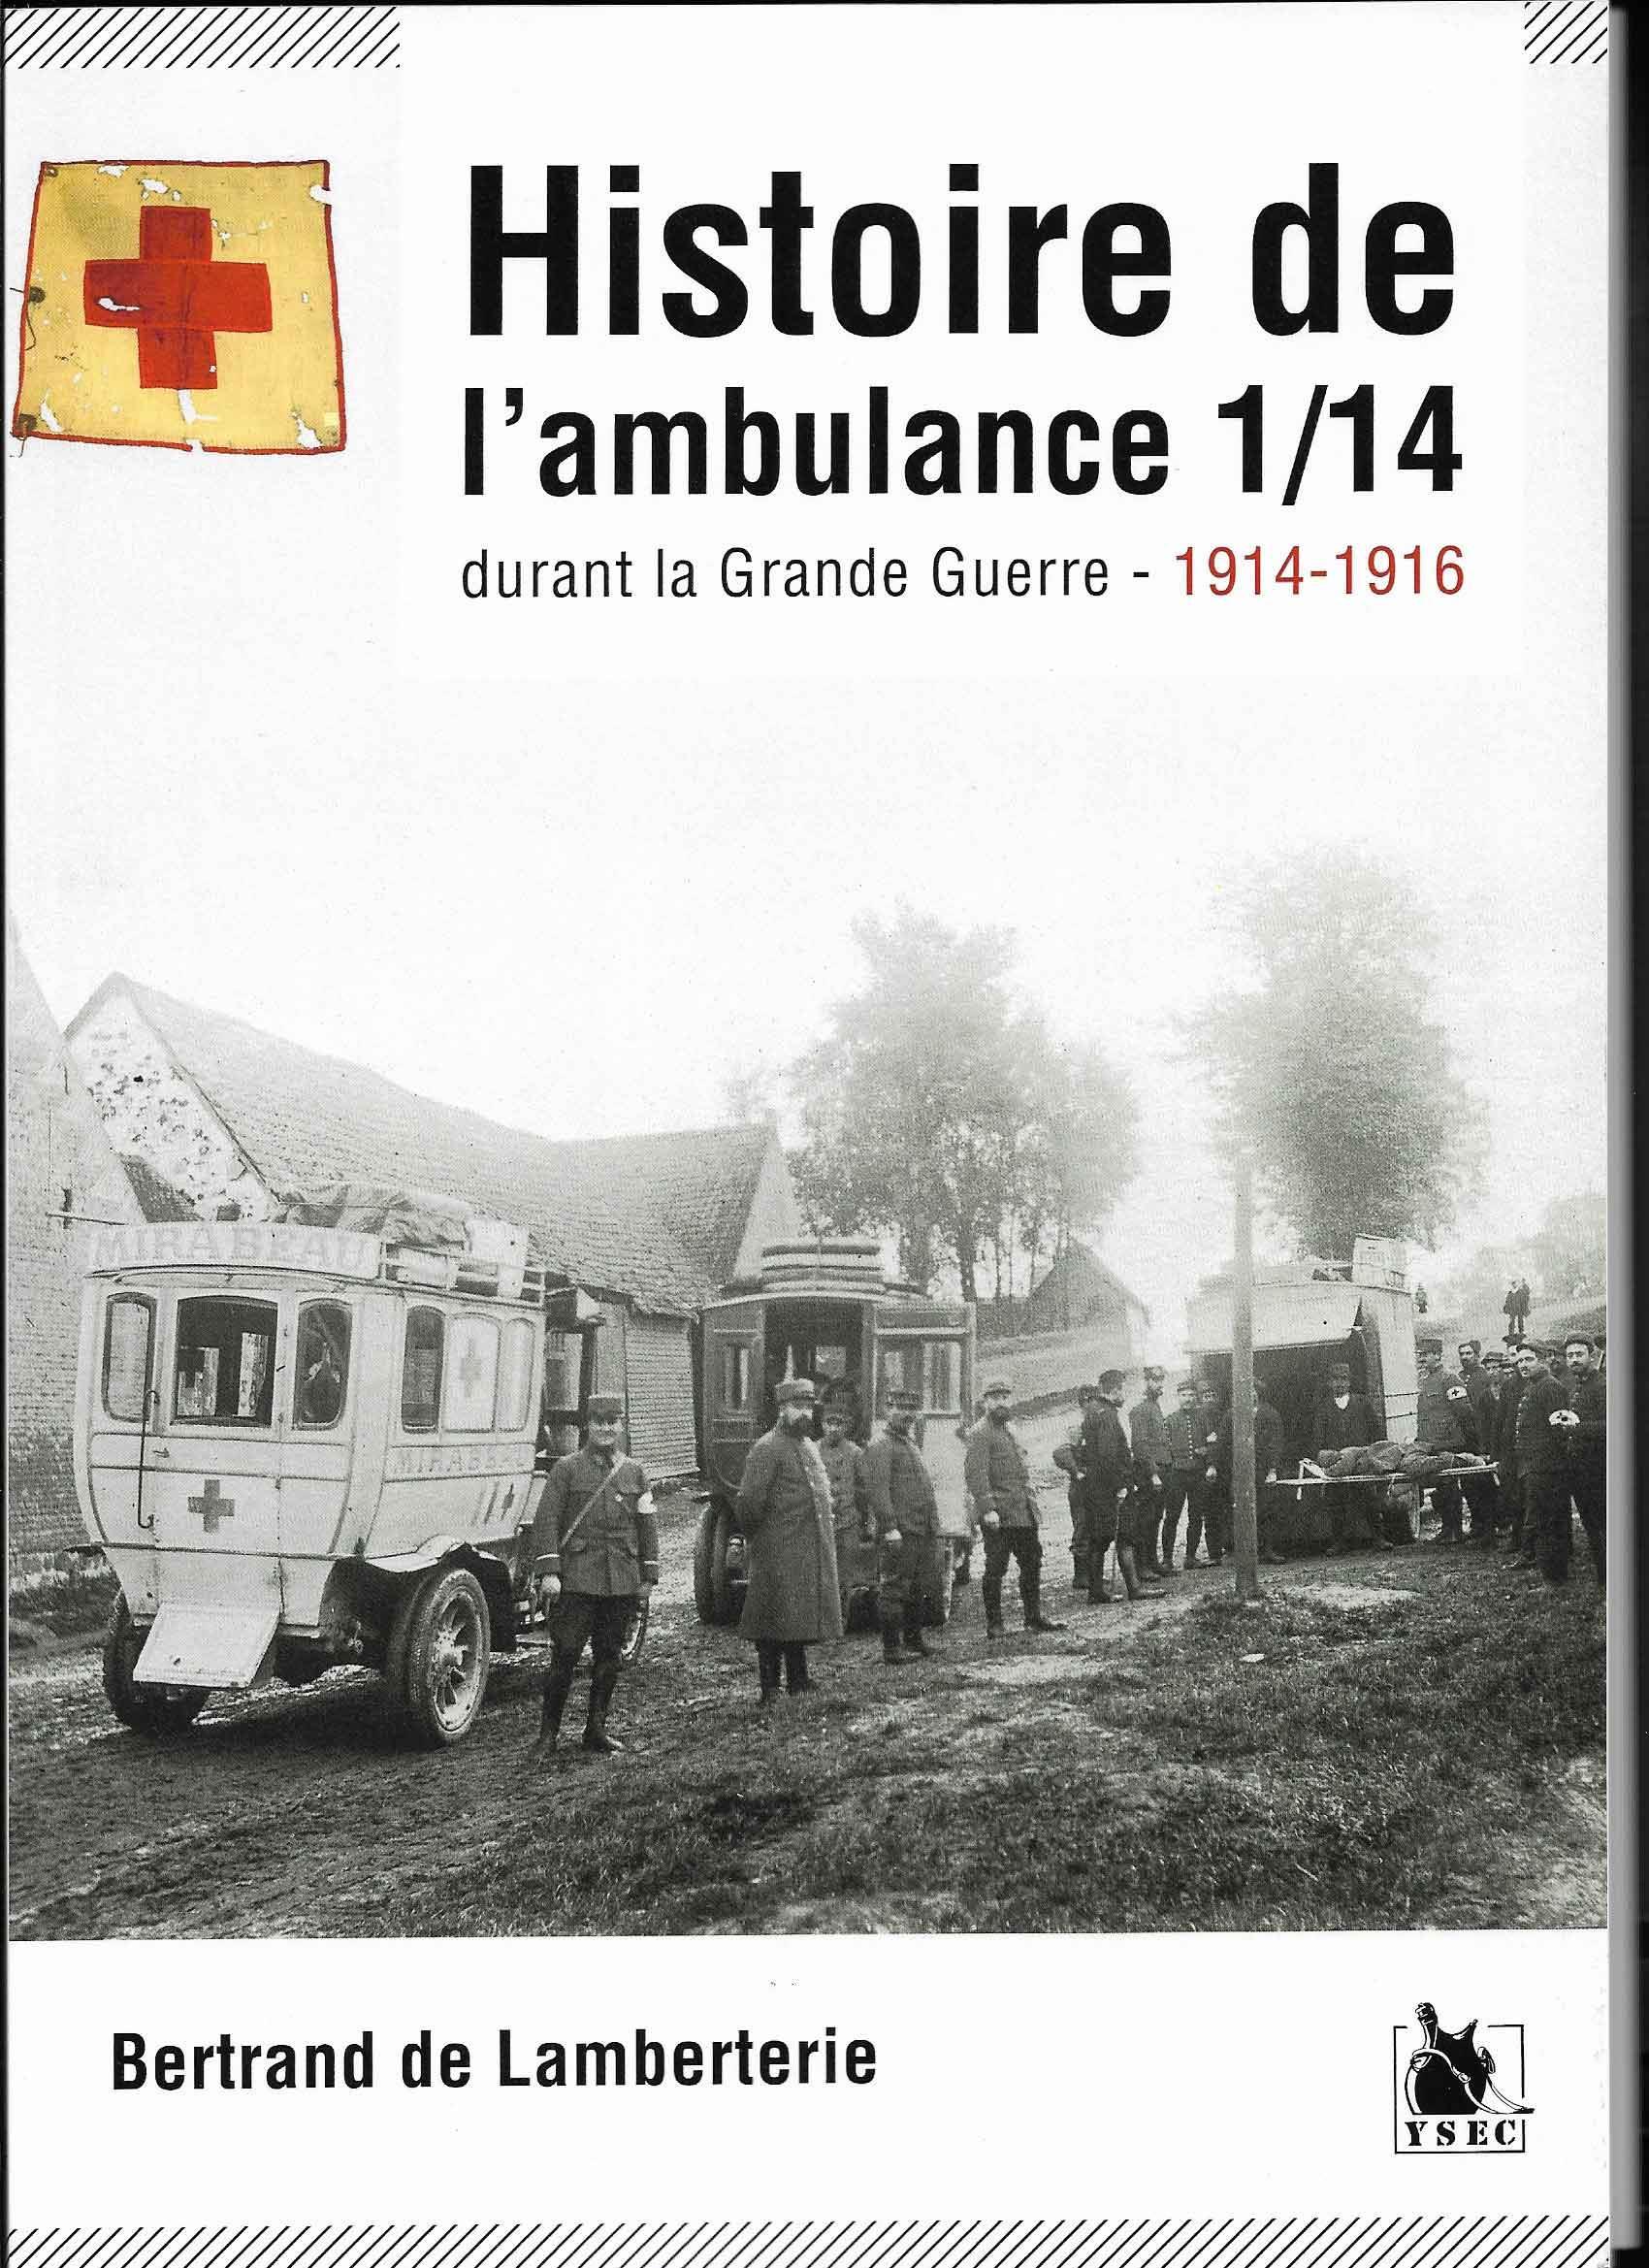 EXPOSITION |  'LA 1/14, UNE AMBULANCE DU FRONT DURANT LA BATAILLE DE VERDUN'